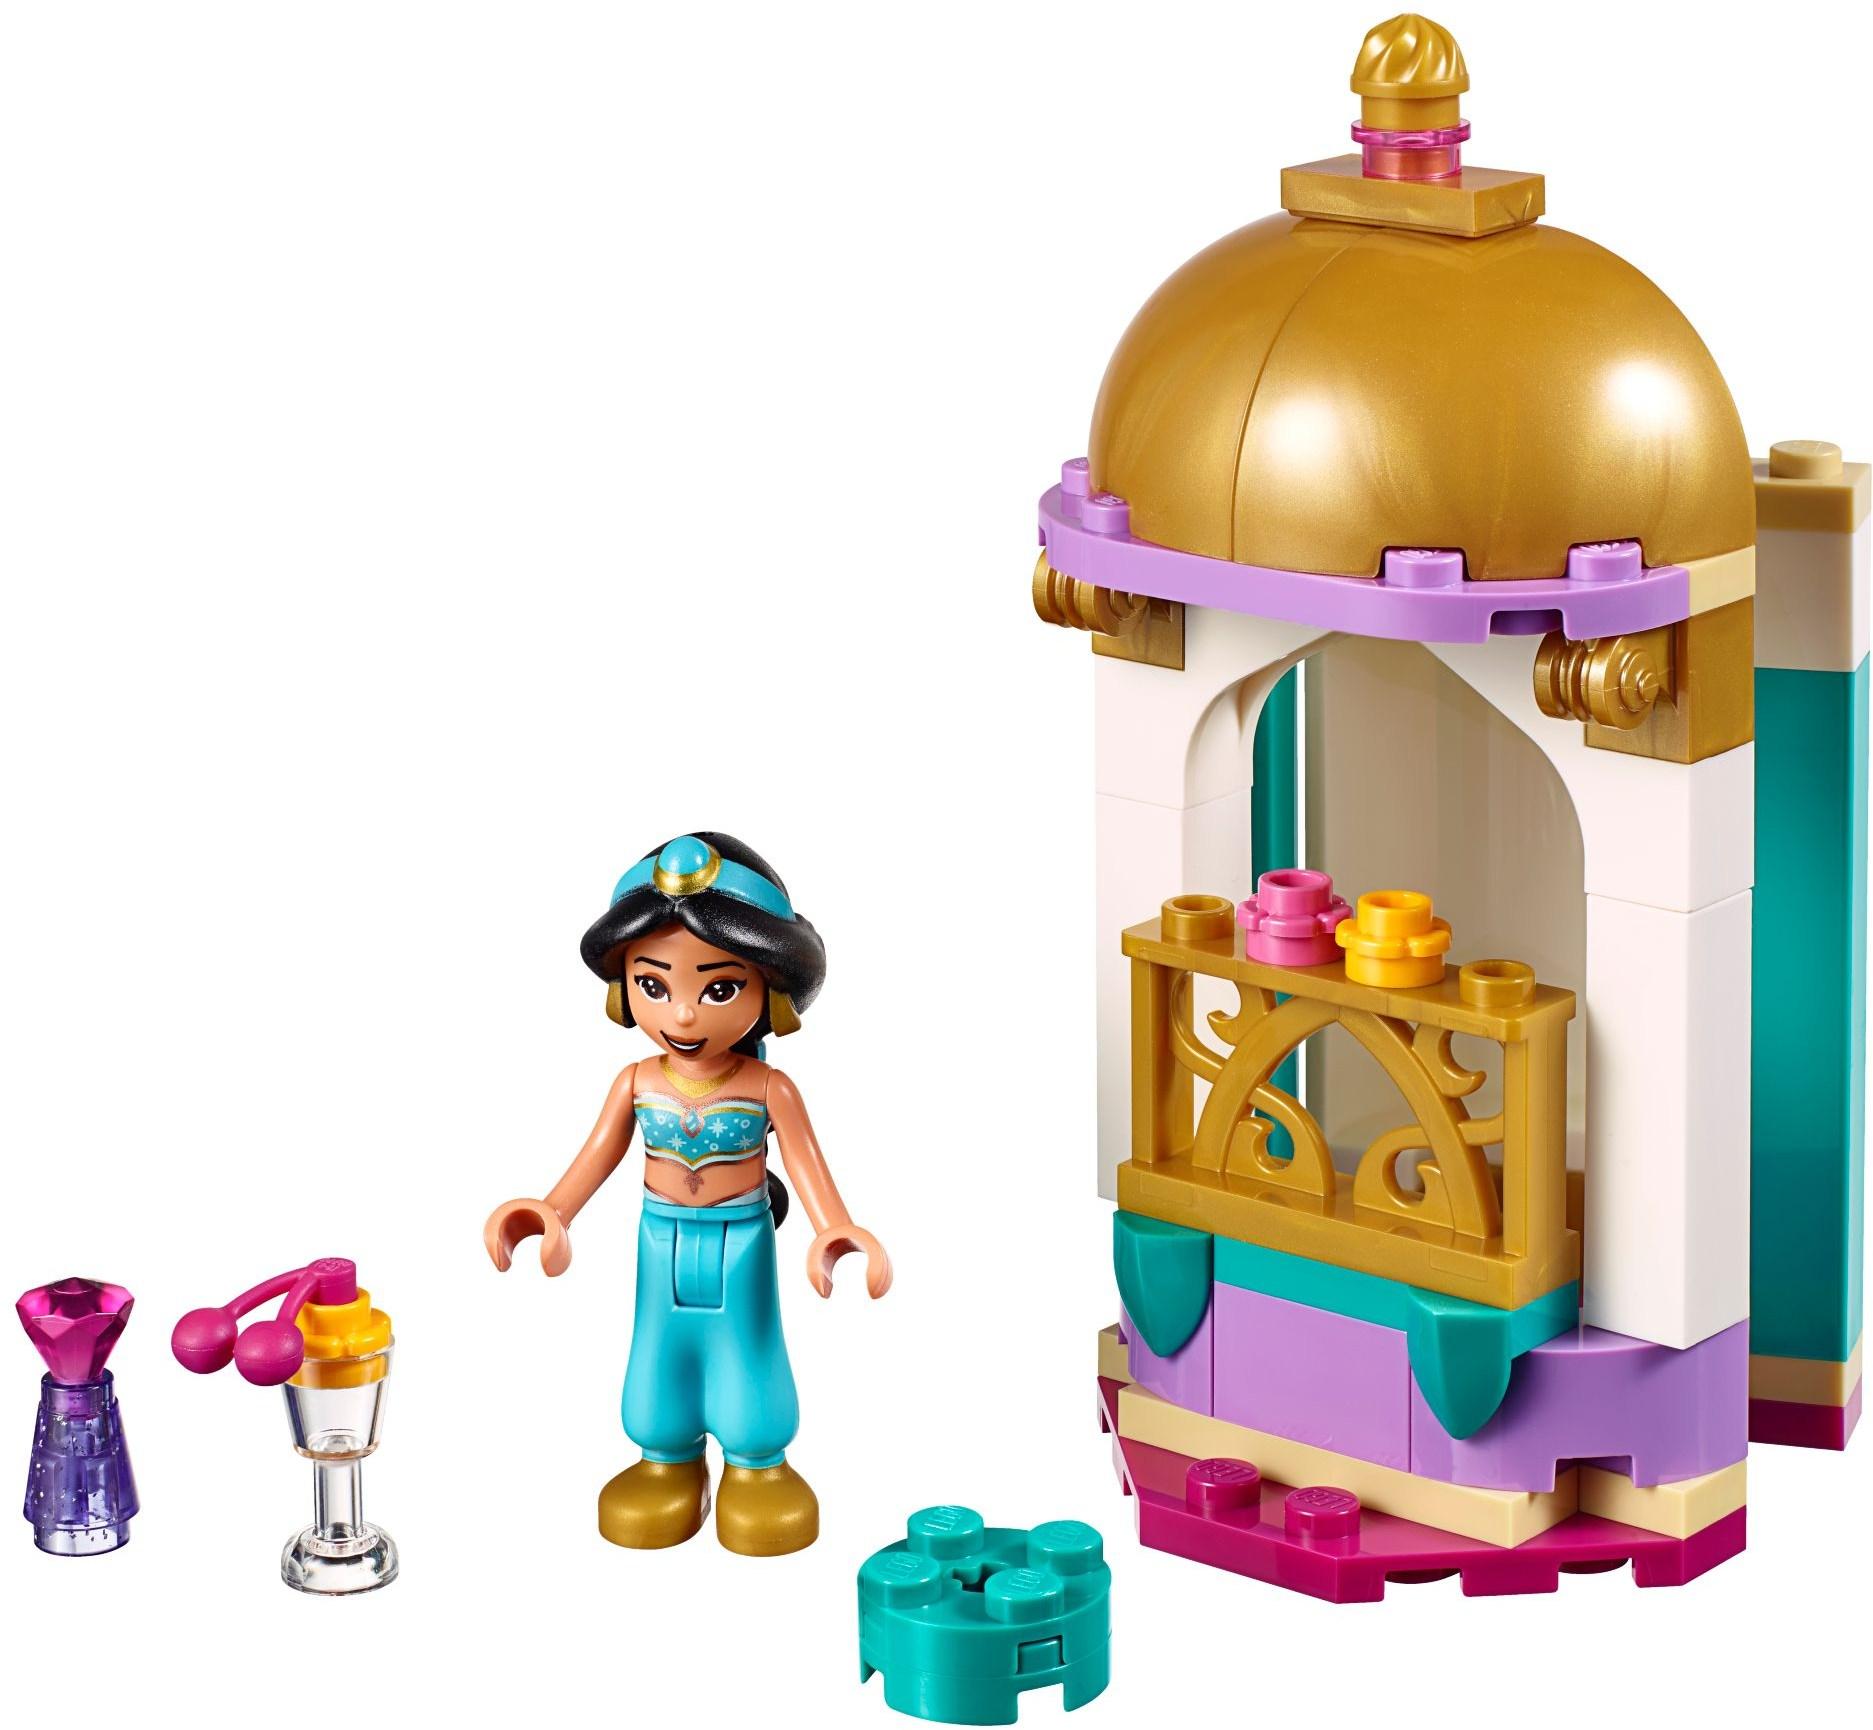 Disney 2019 Brickset Lego Set Guide And Database